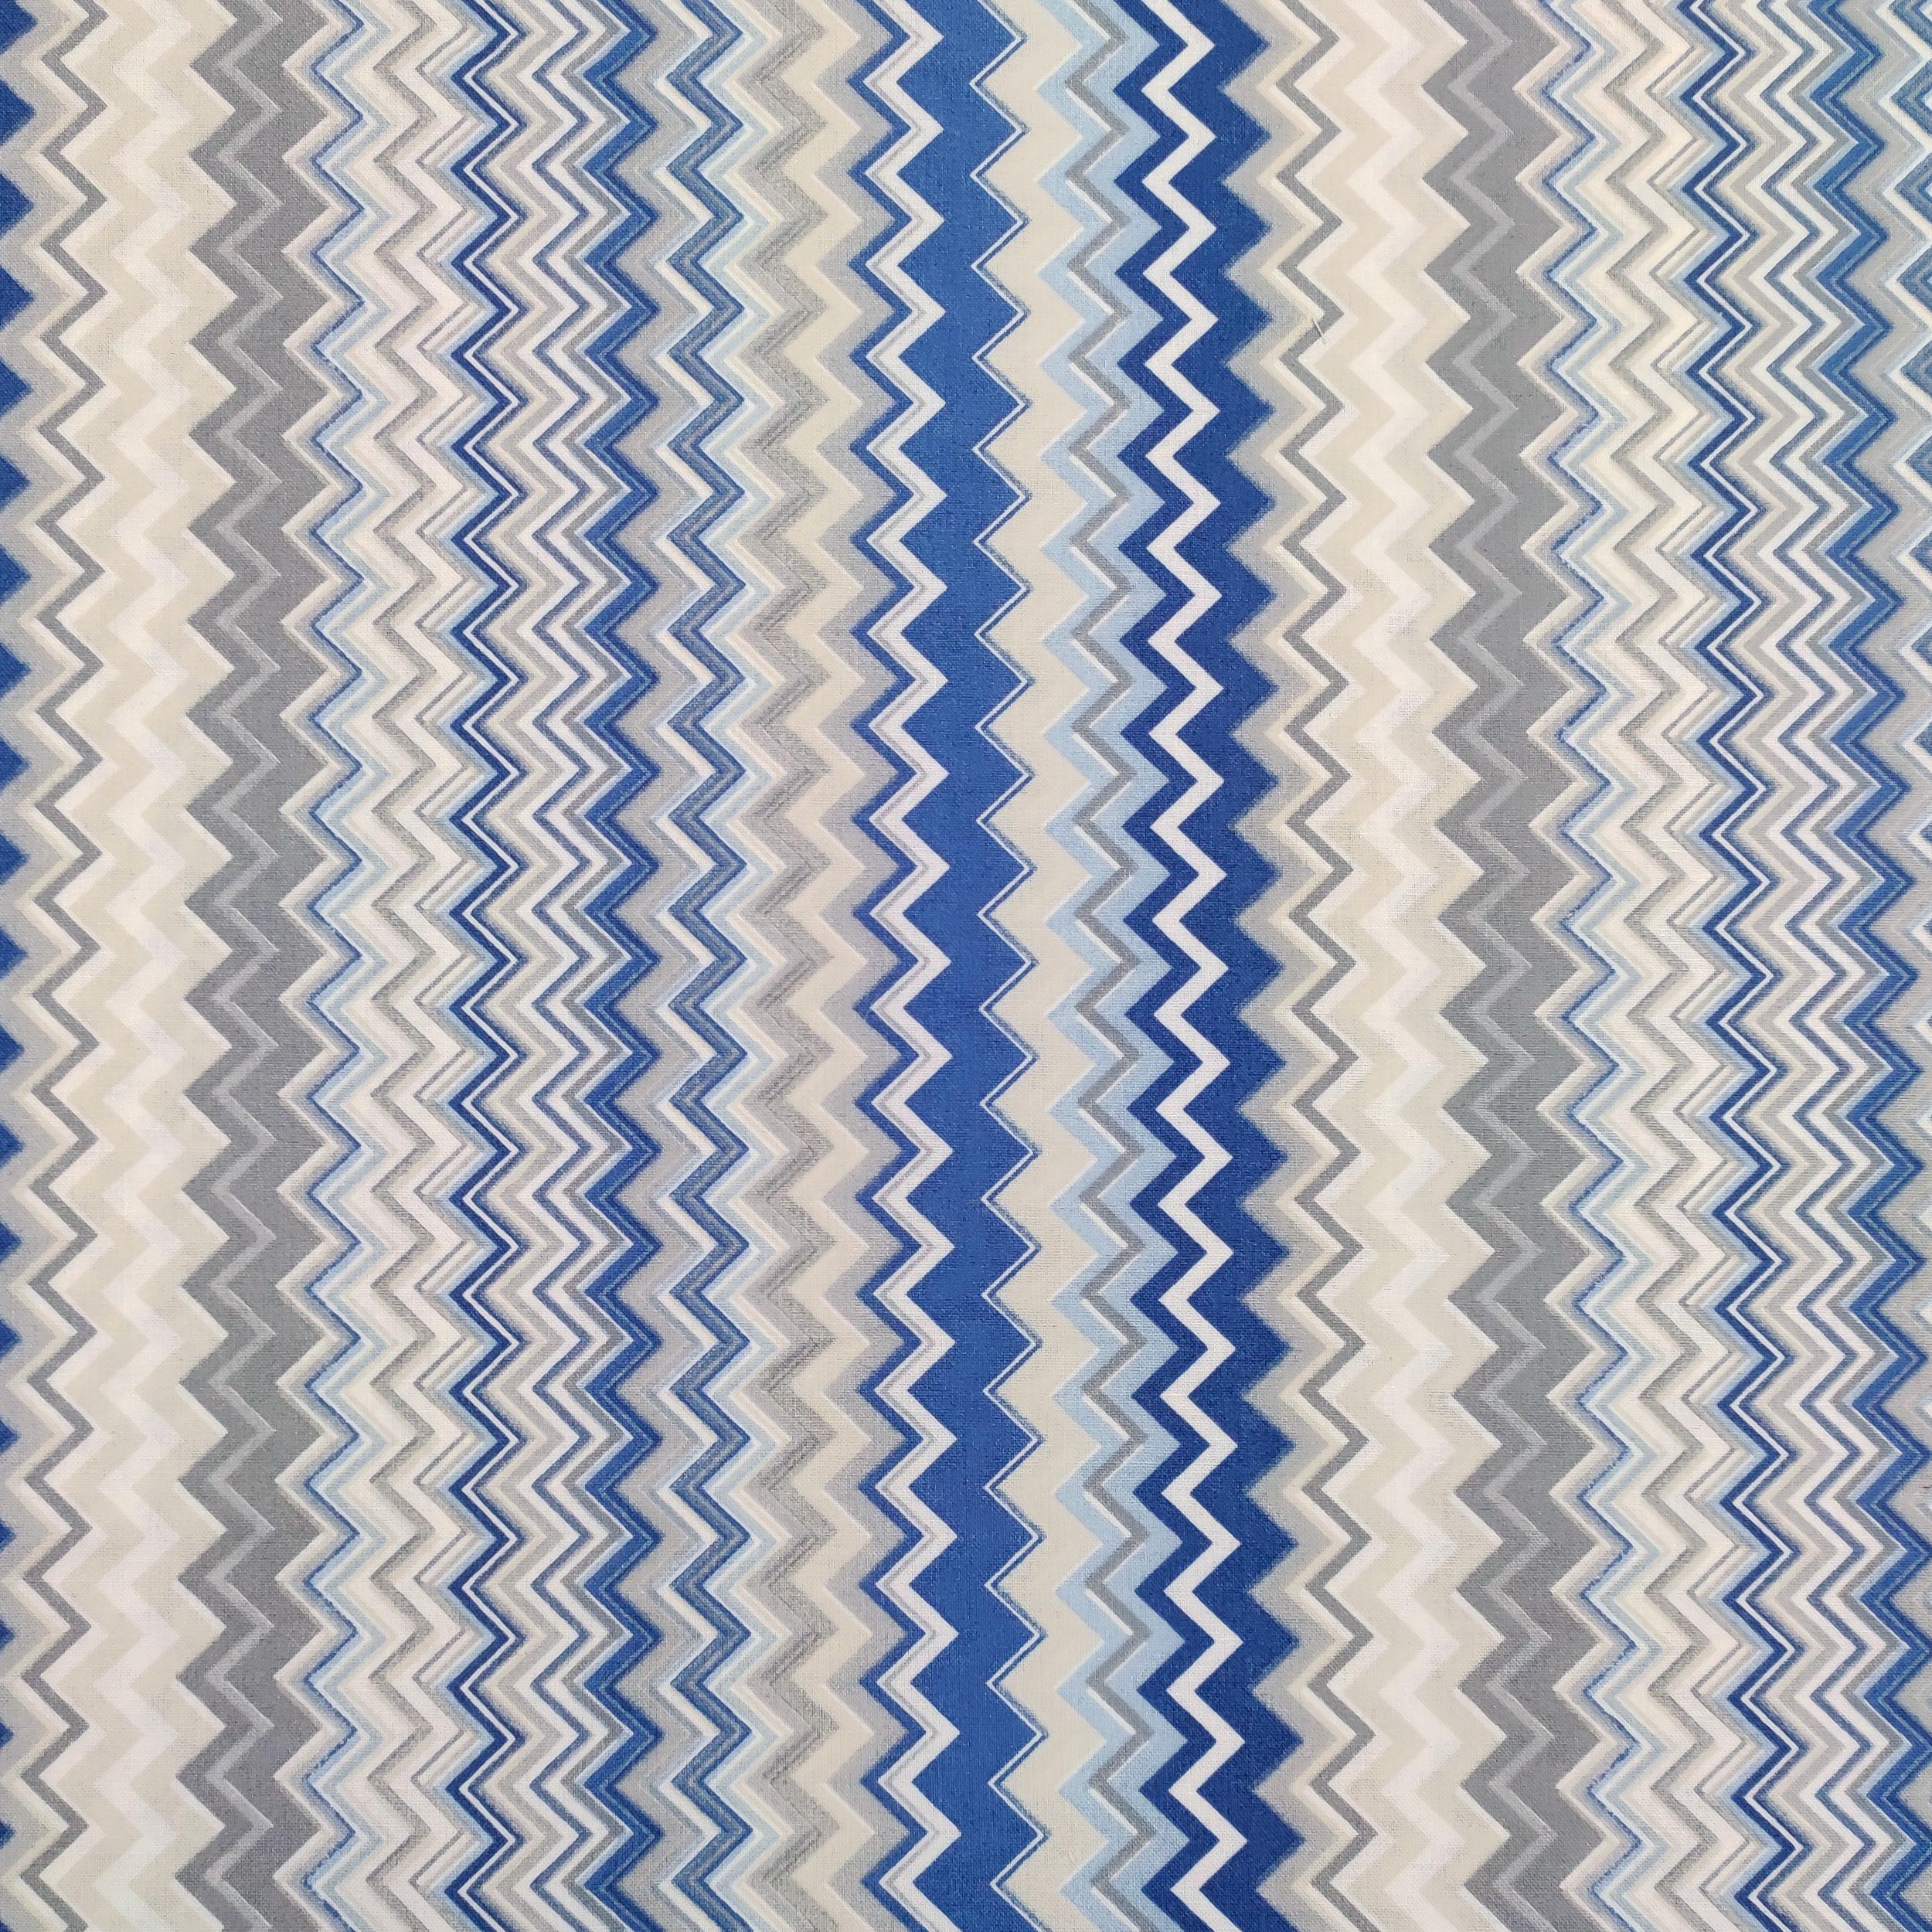 Tessuto di Cotone Zig Zag Multicolor Toni del Blu